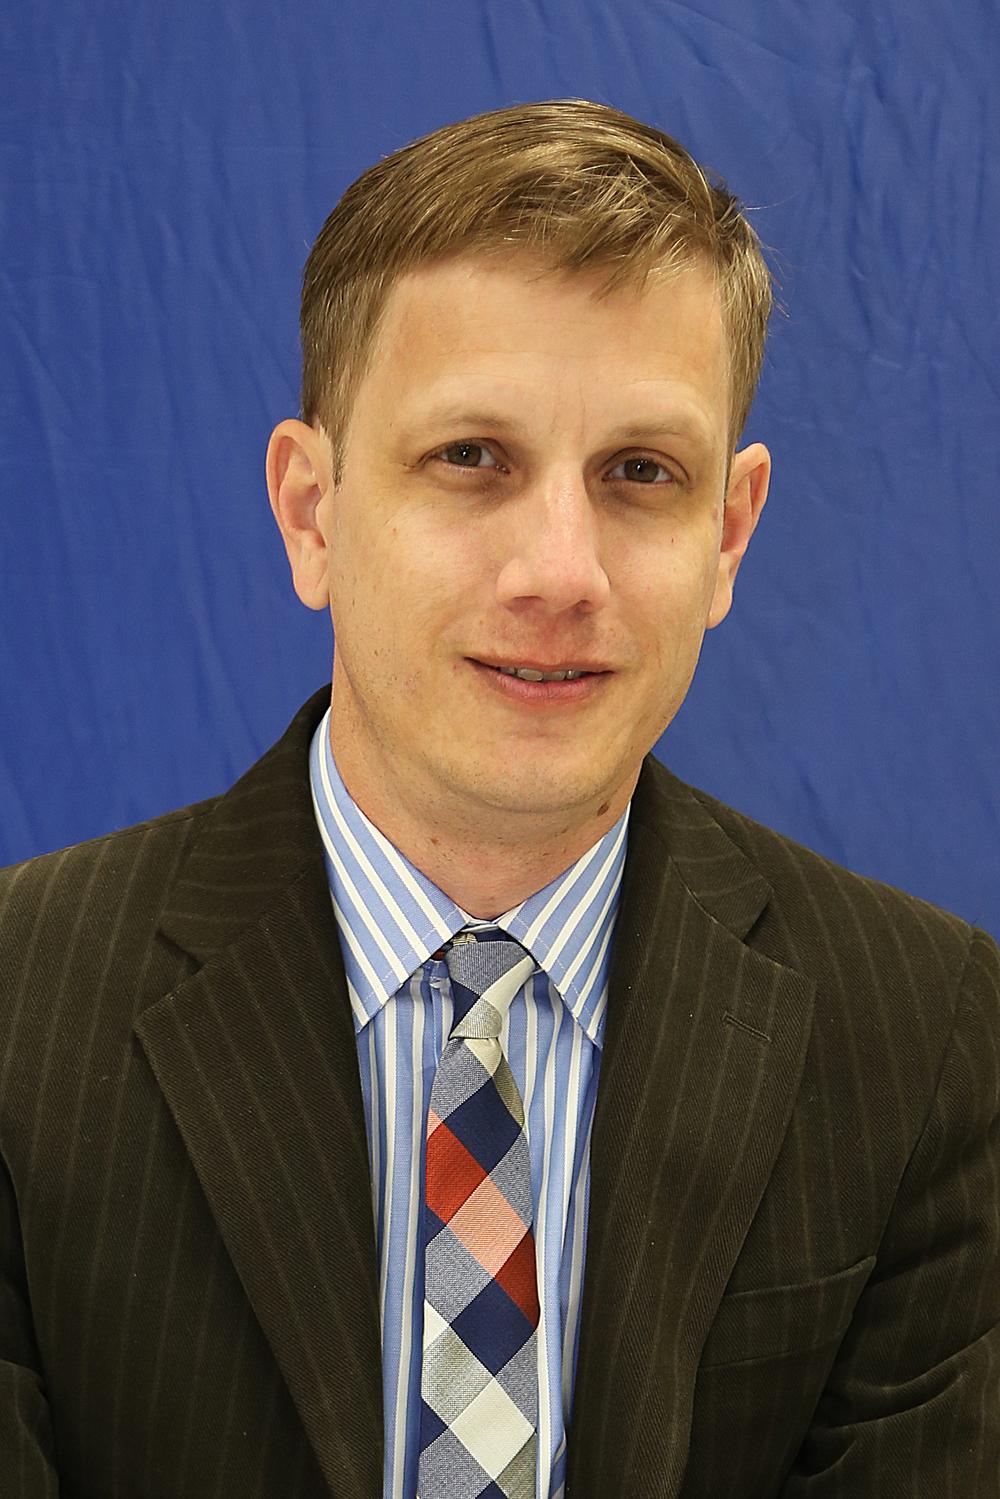 Kevin Malandruccolo